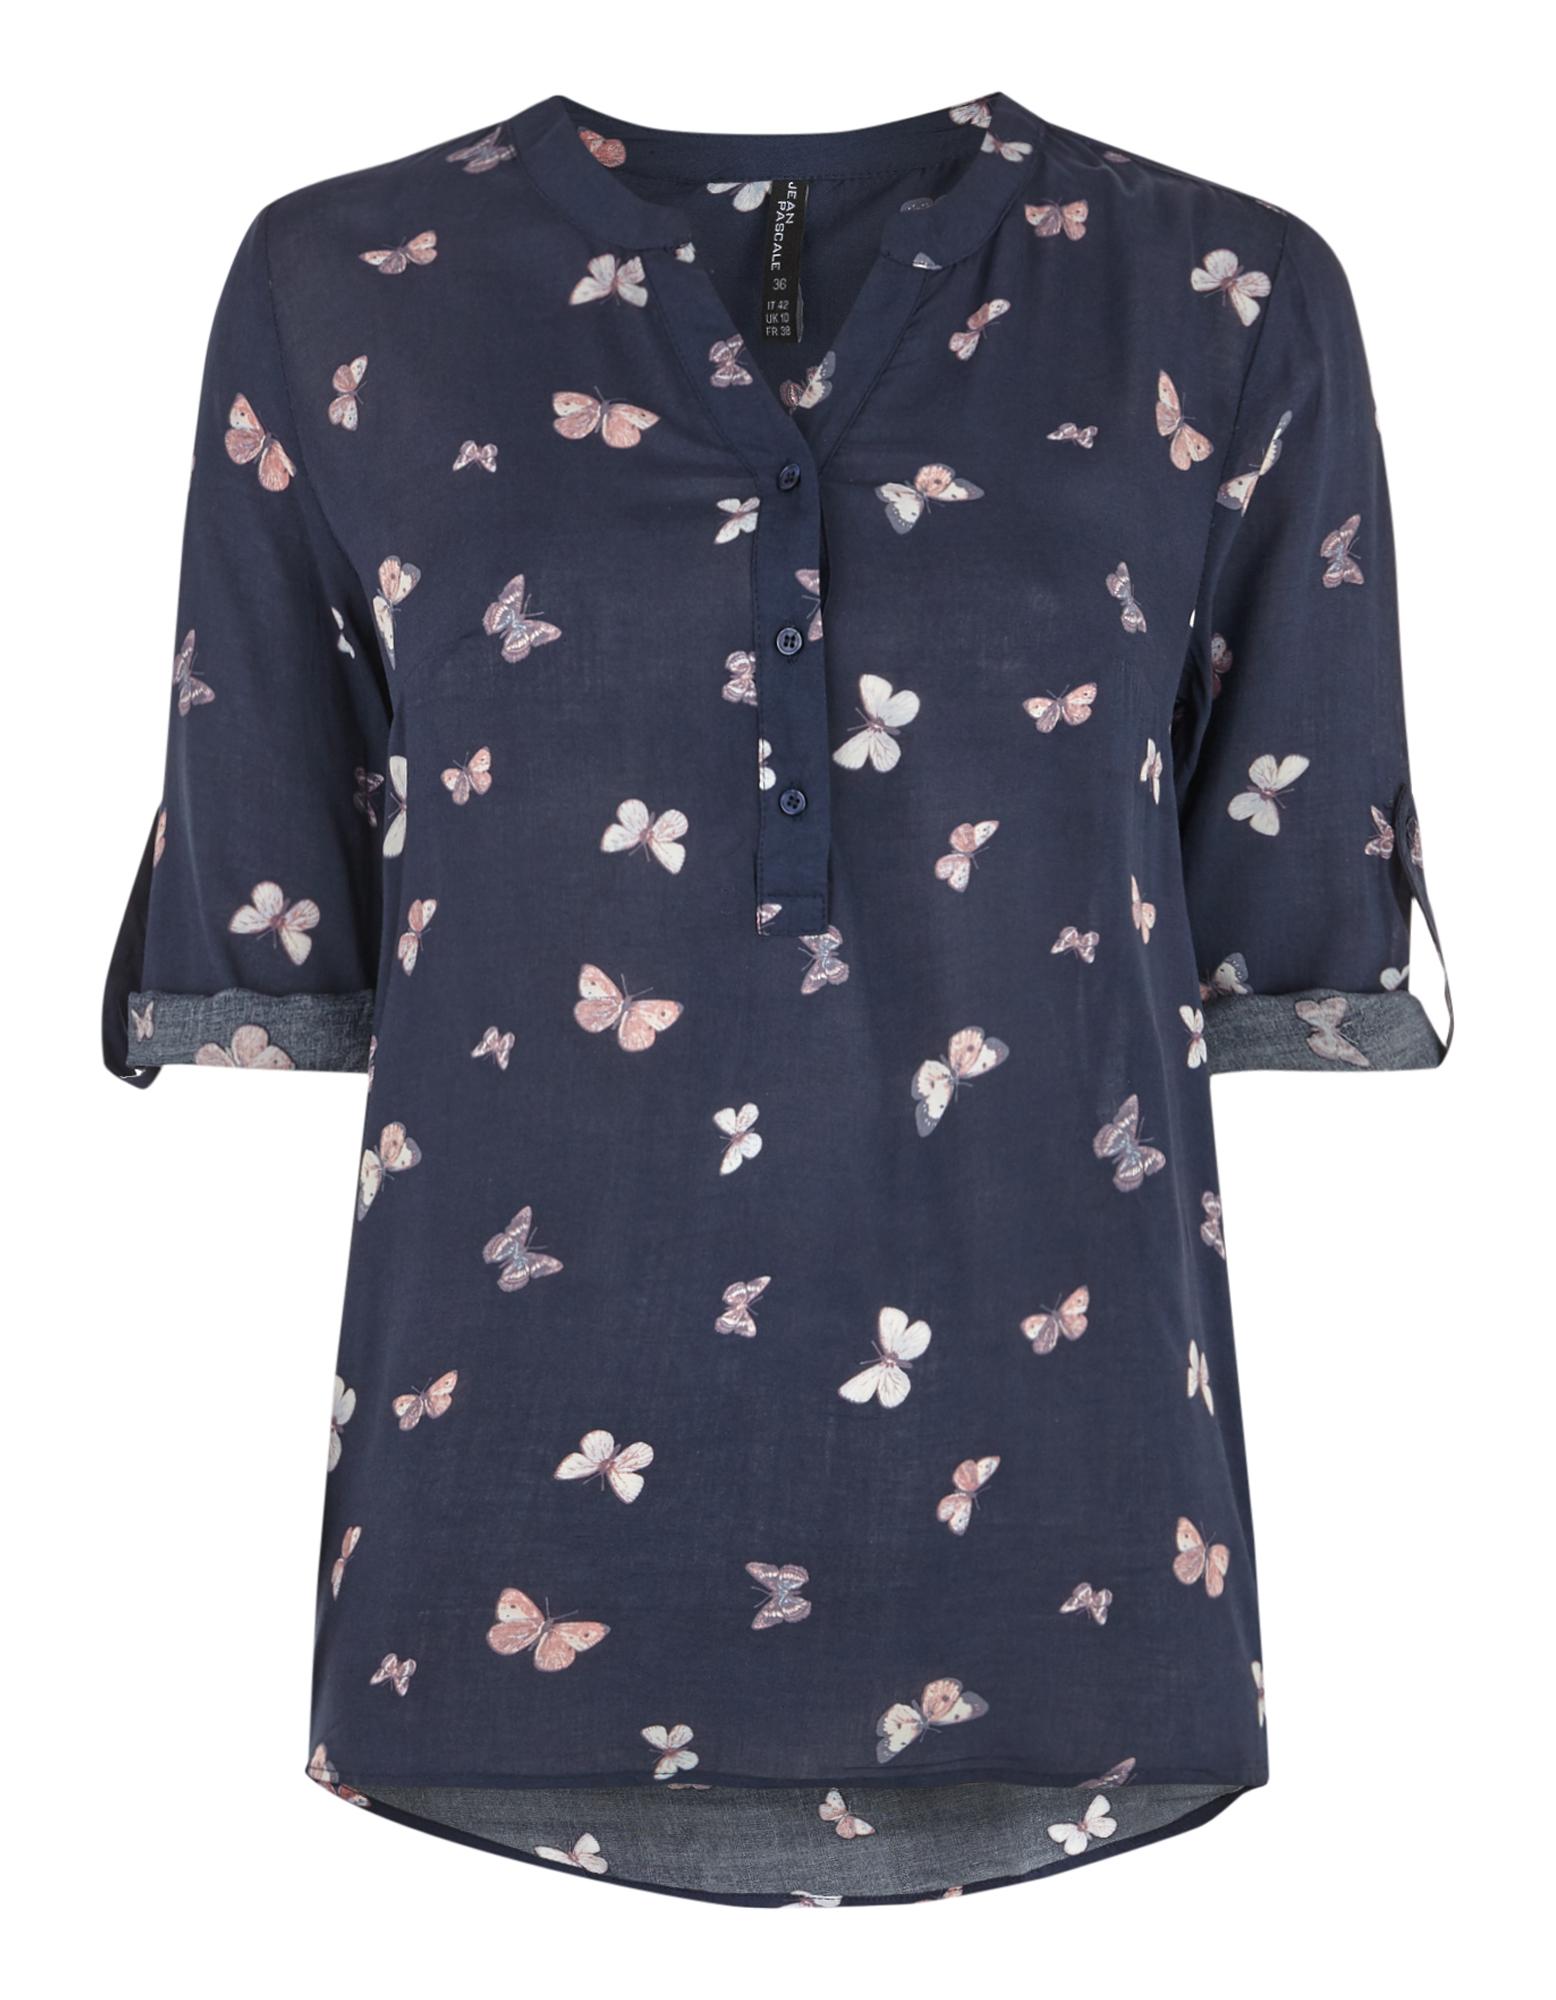 preisreduziert rationelle Konstruktion Talsohle Preis Damen Bluse aus reiner Viskose - Takko Fashion